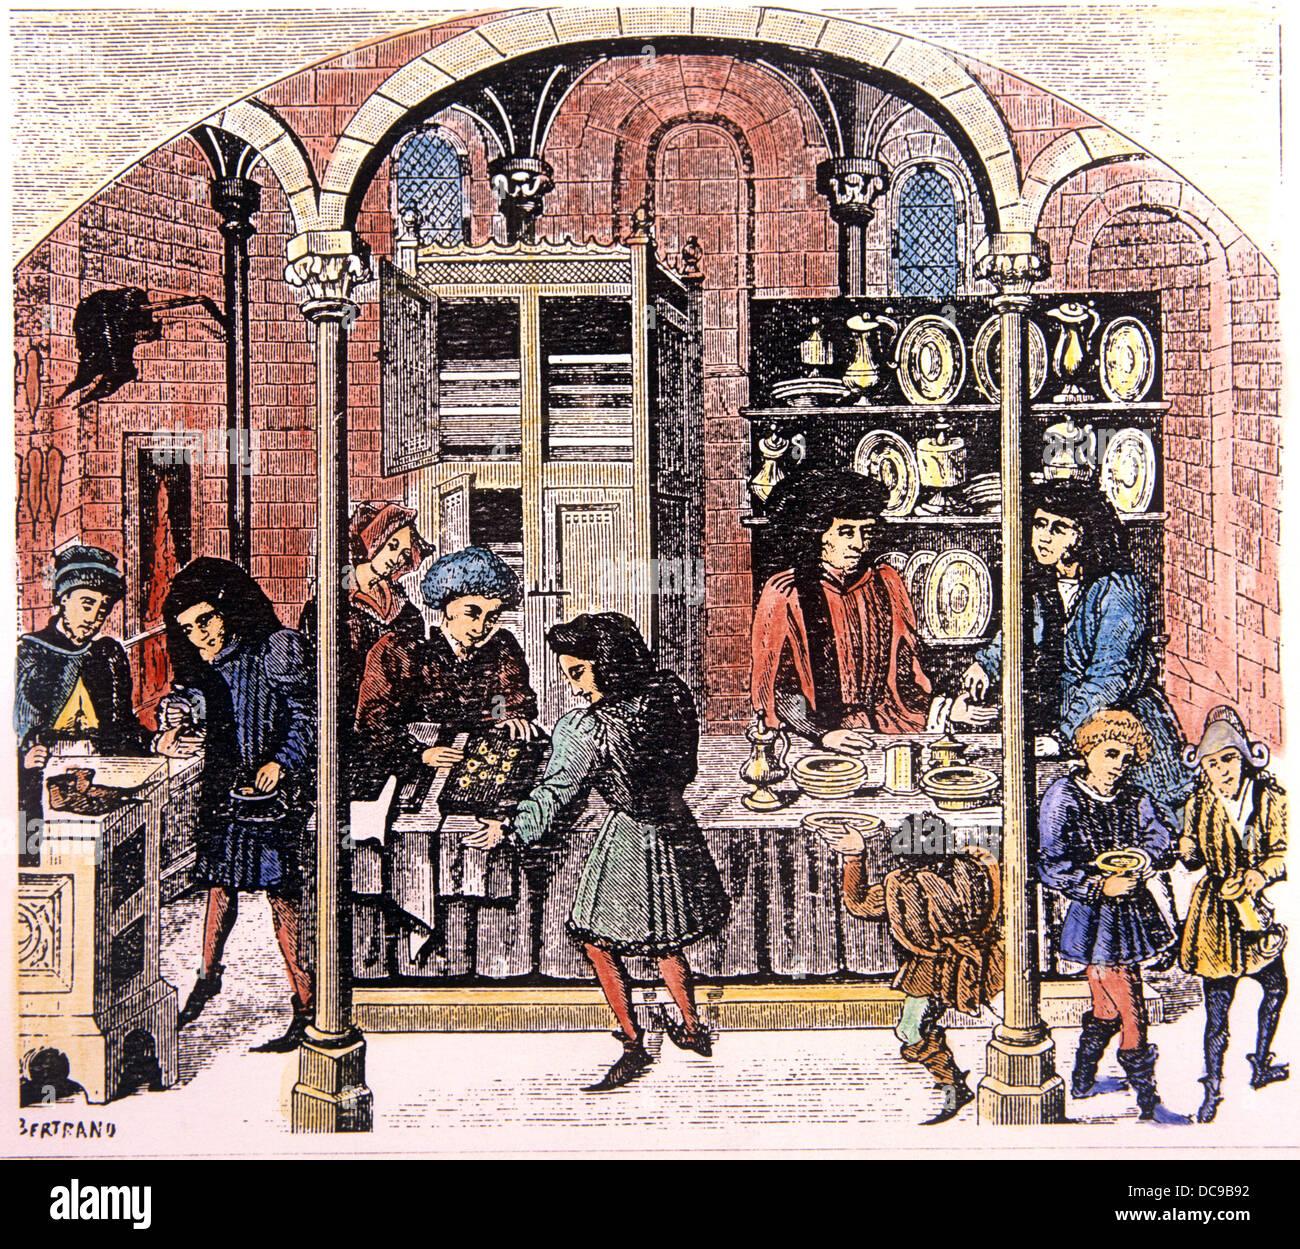 Periodo medievale. Mercato coperto. Goldsmith. Il concessionario. Calzolaio. Commerciante di stoffe. negozi. Xv Immagini Stock